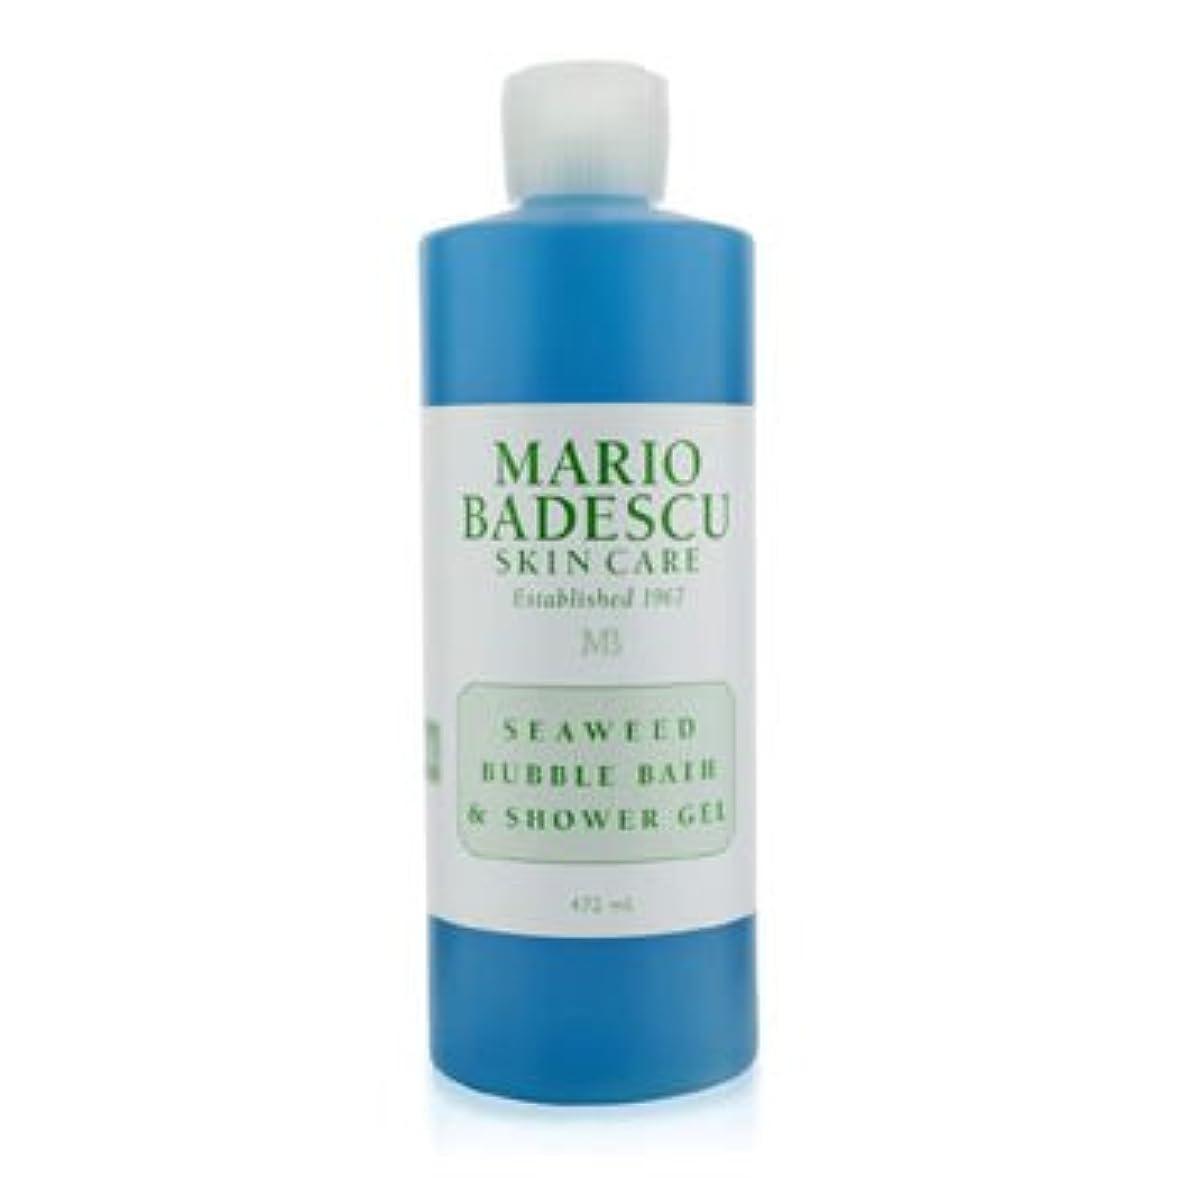 コミットプラグロータリー[Mario Badescu] Seaweed Bubble Bath & Shower Gel 472ml/16oz